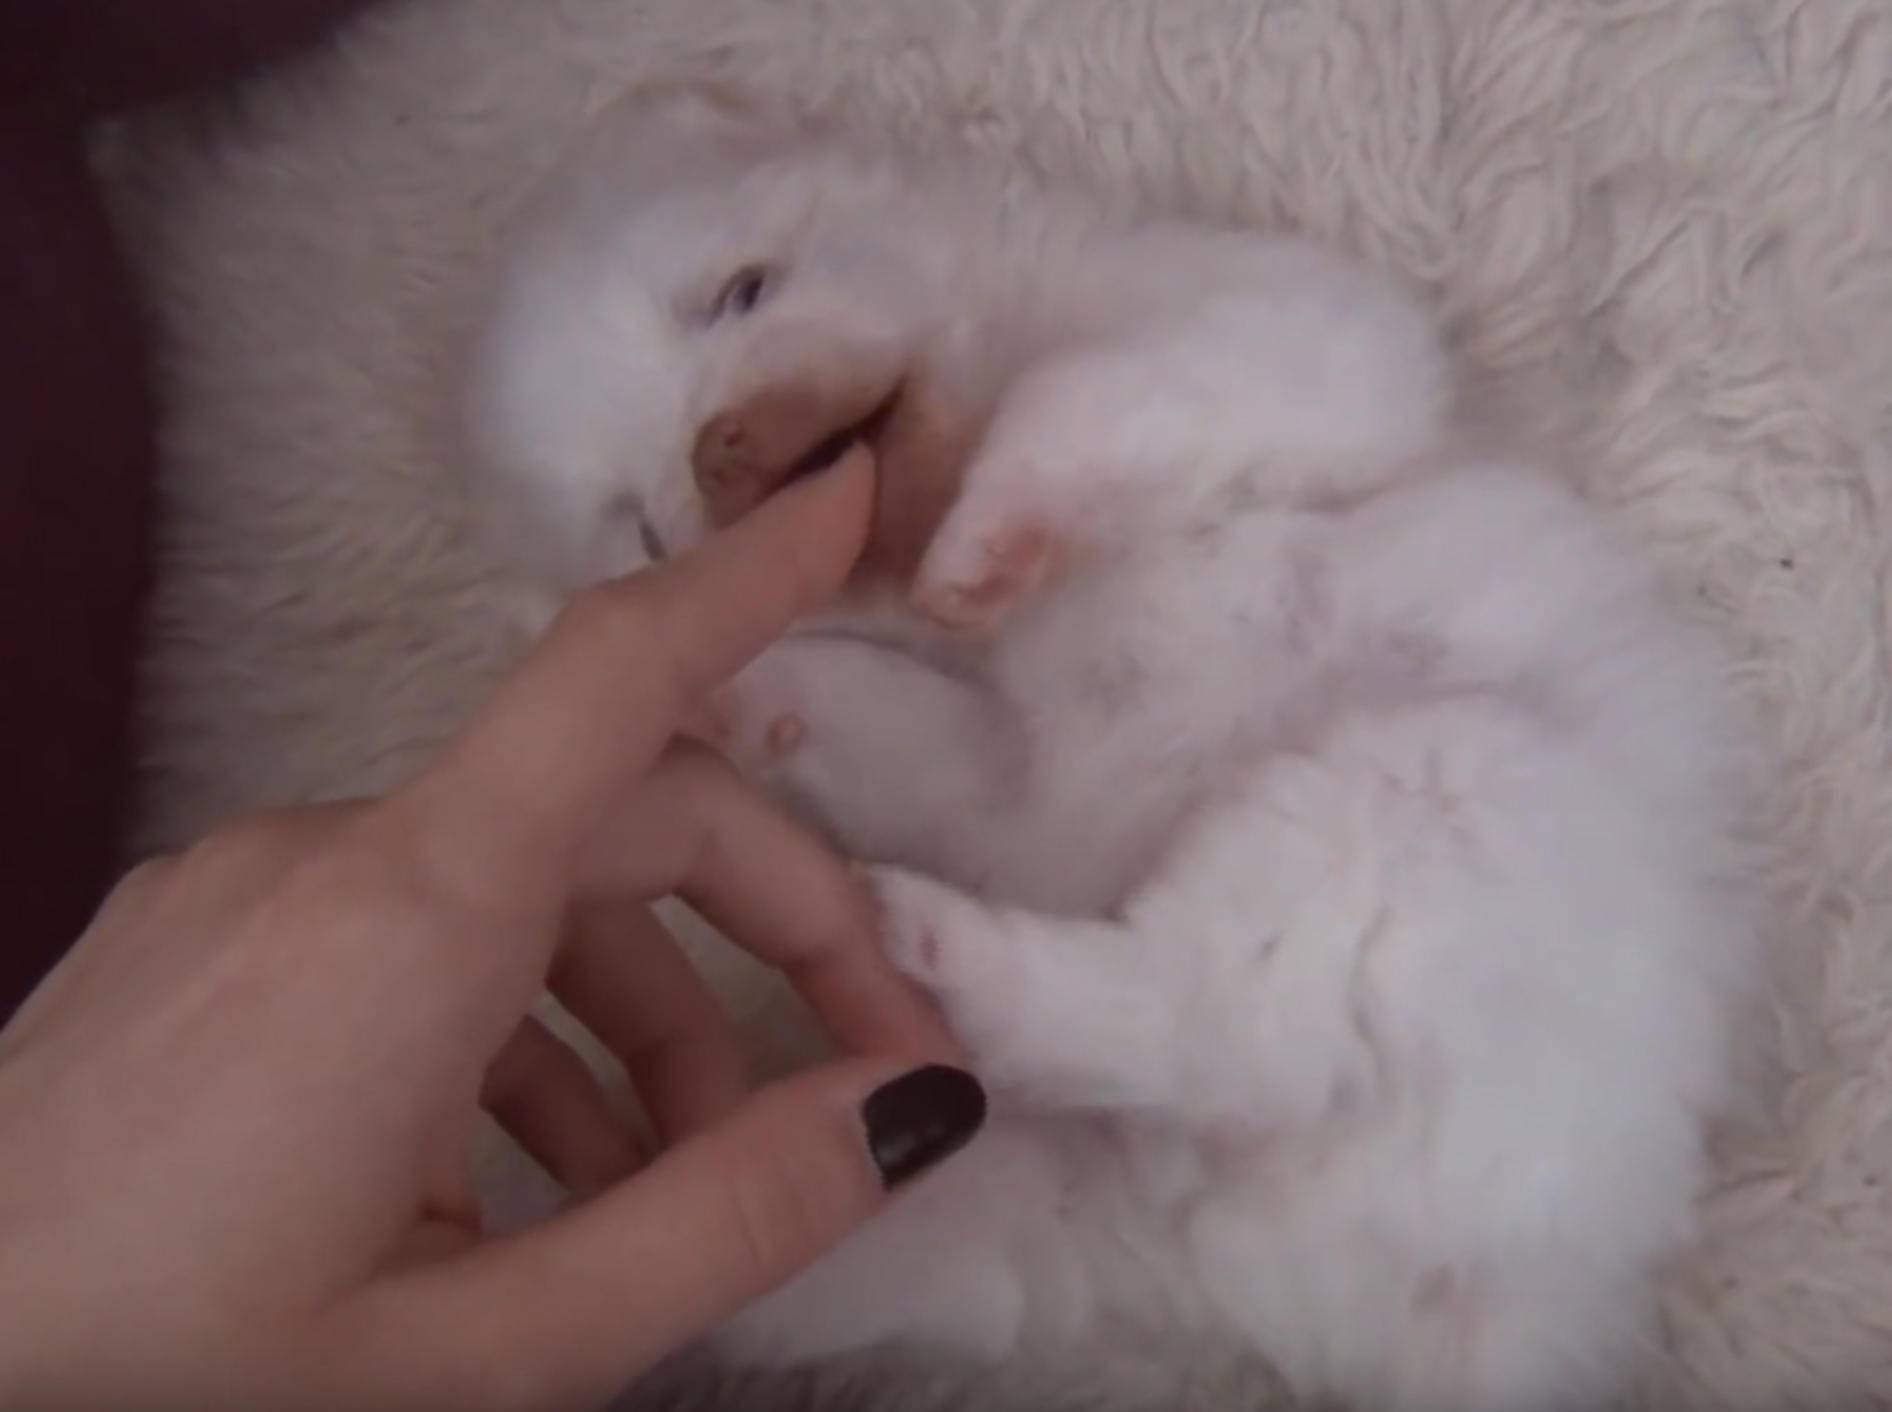 Der wohl flauschigste Welpe der Welt! – YouTube / Pup Property